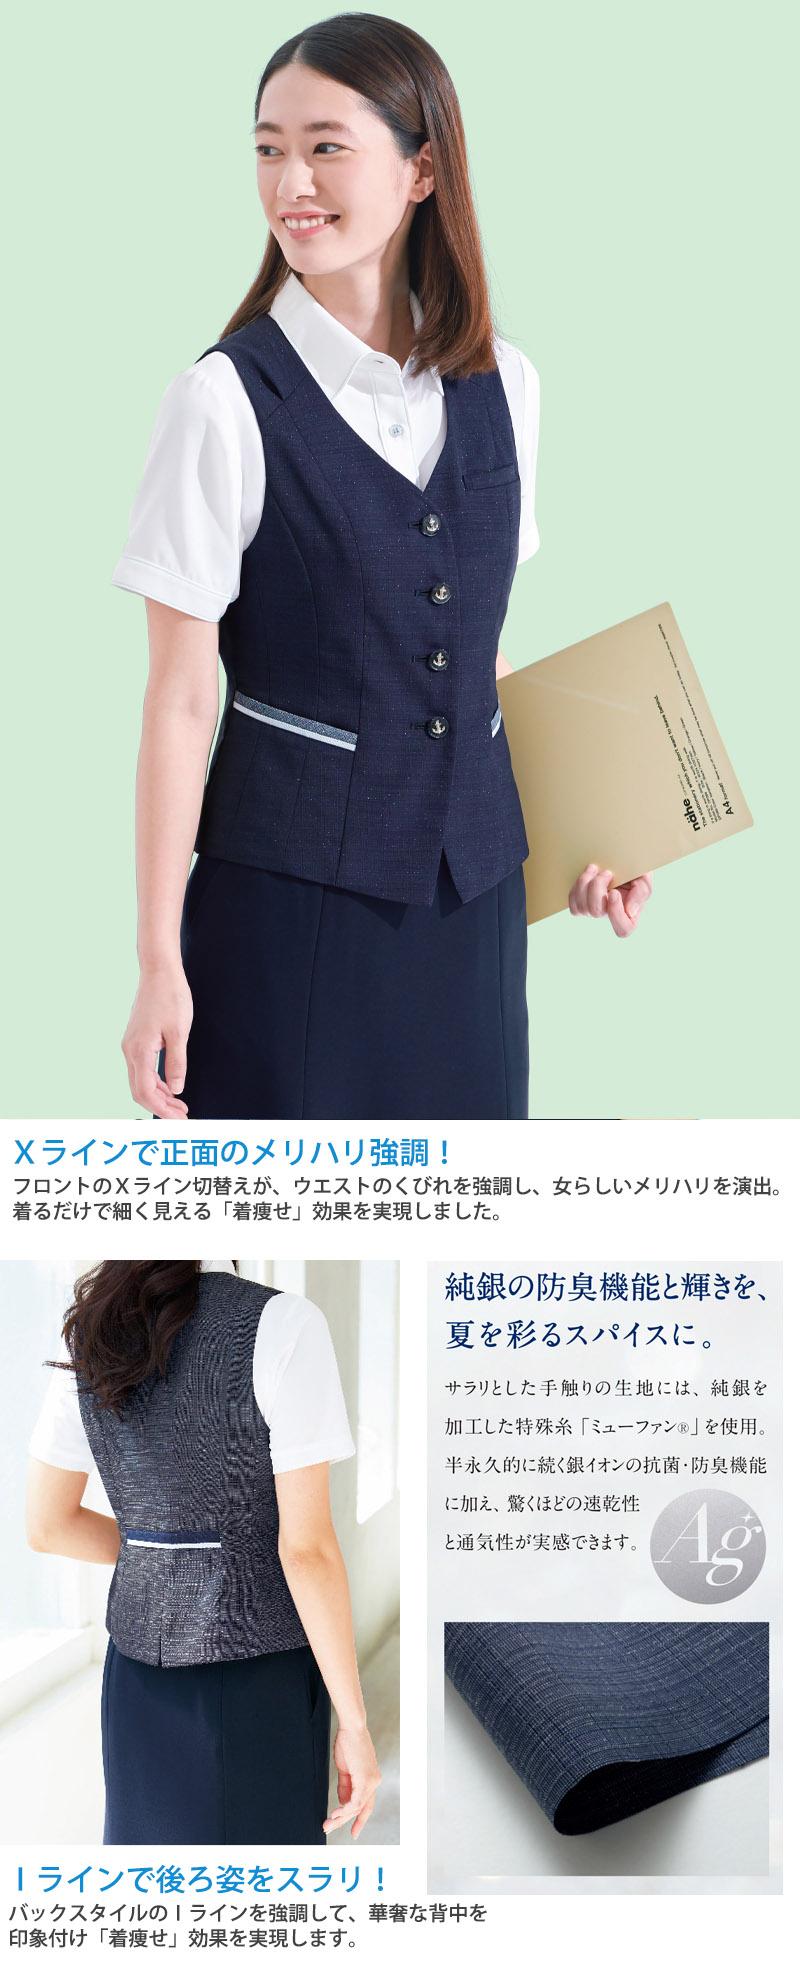 【全2色】ベスト(Pair Form 美スラッと Suits Ag)